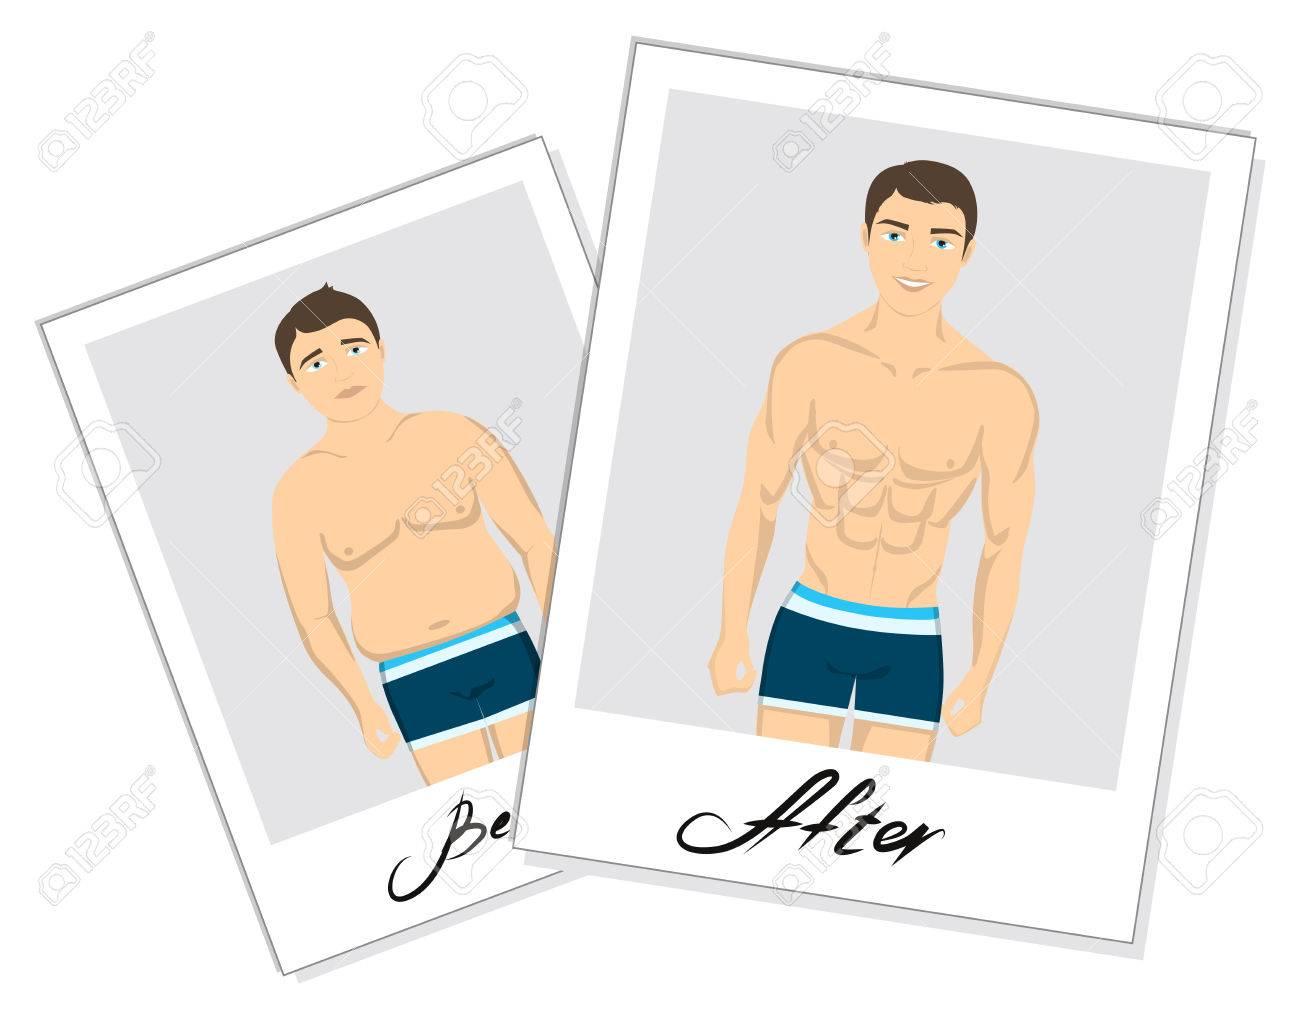 32e366b60d77 Antes y después de las instantáneas. el hombre no saludable de grasa antes  y después del ajuste delgado hombre. El hombre joven y guapo en ropa ...